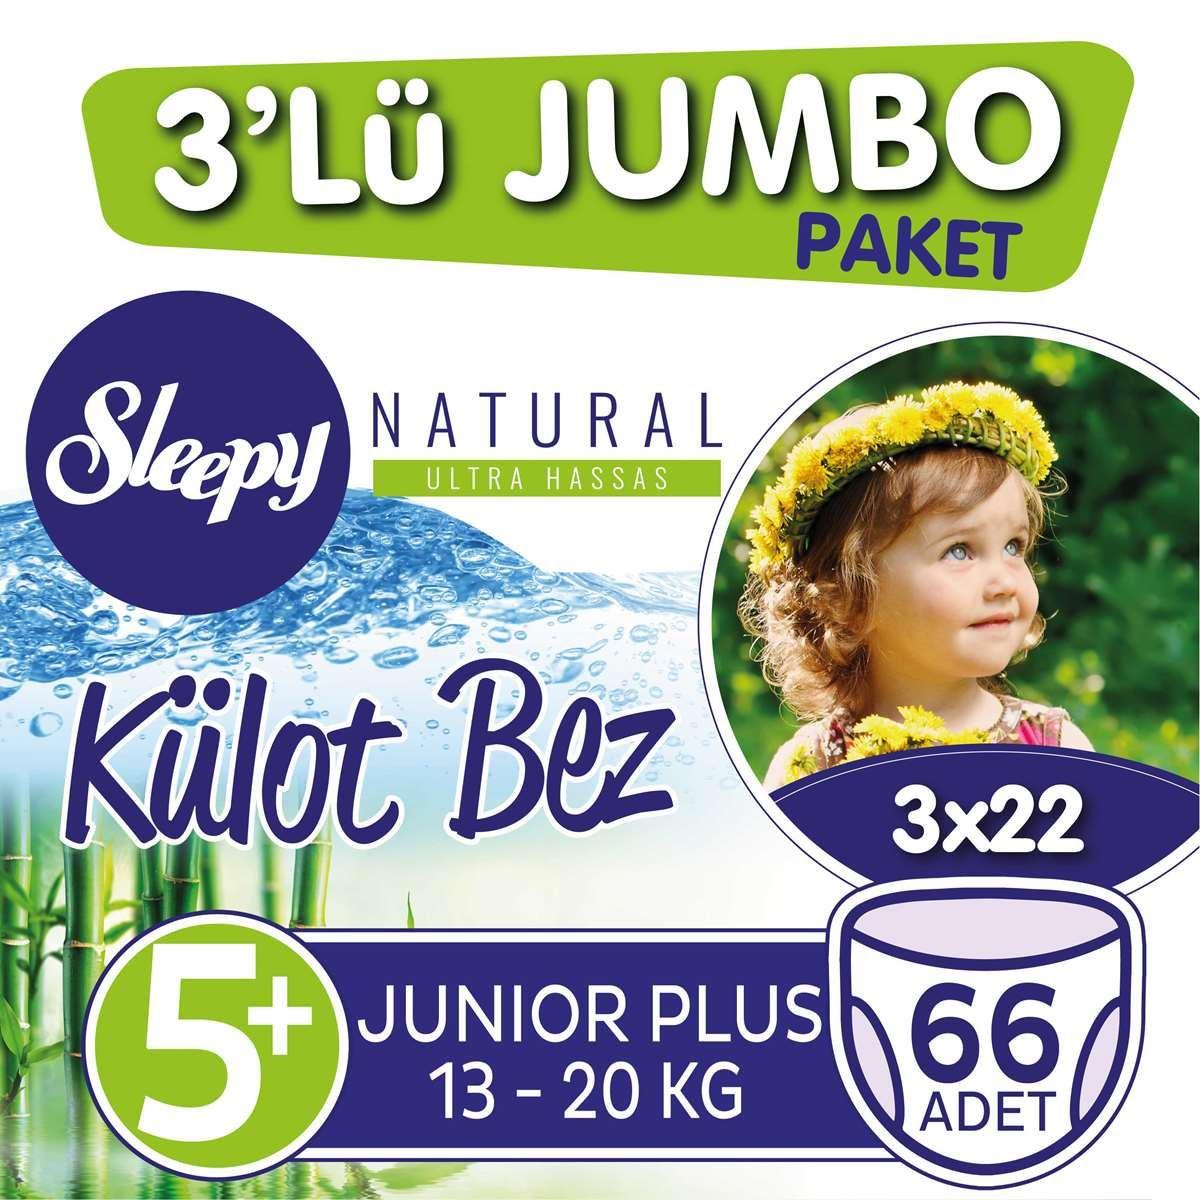 3'lü Jumbo Sleepy Natural Külot Bez 5+ Numara Junior Plus